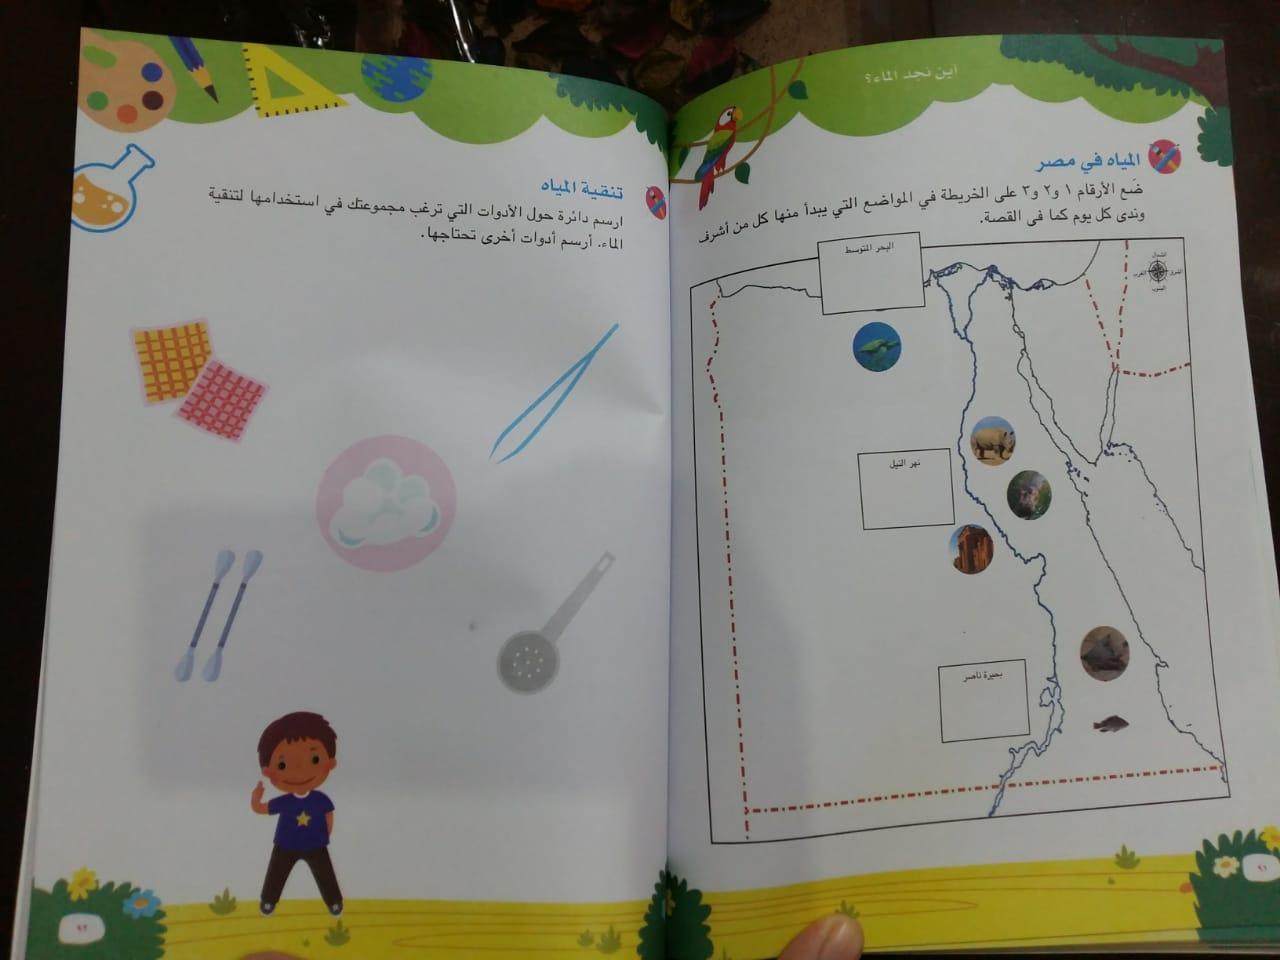 منهج رياض الأطفال الجديد (6)